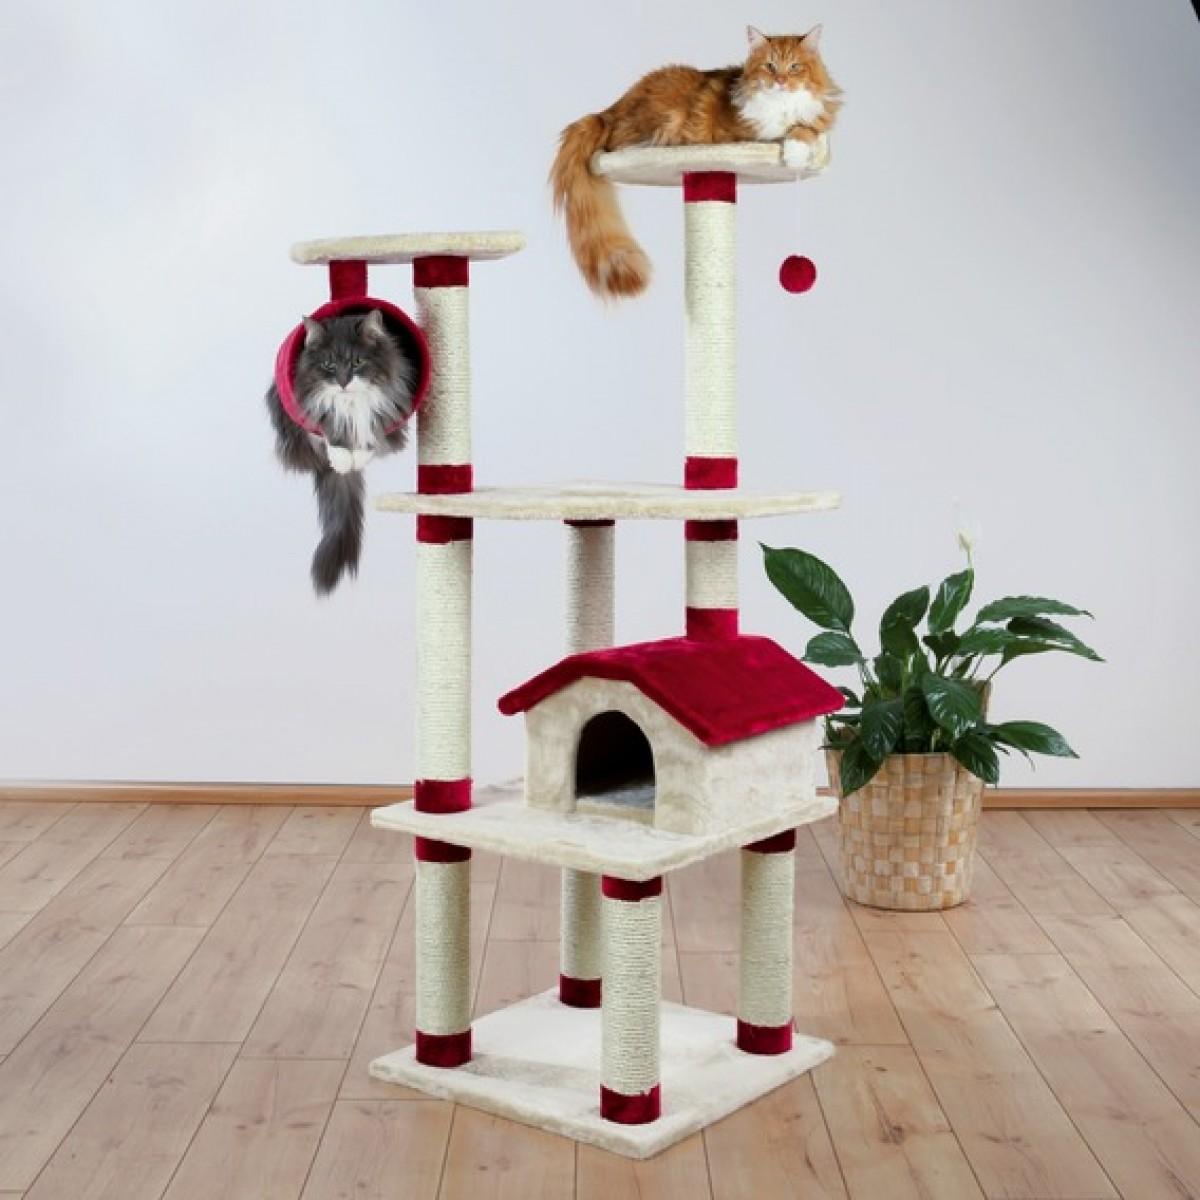 Cuccia Gatto Fai Da Te tiragraffi per gatti: la classifica dei 20 migliori - gattissimi